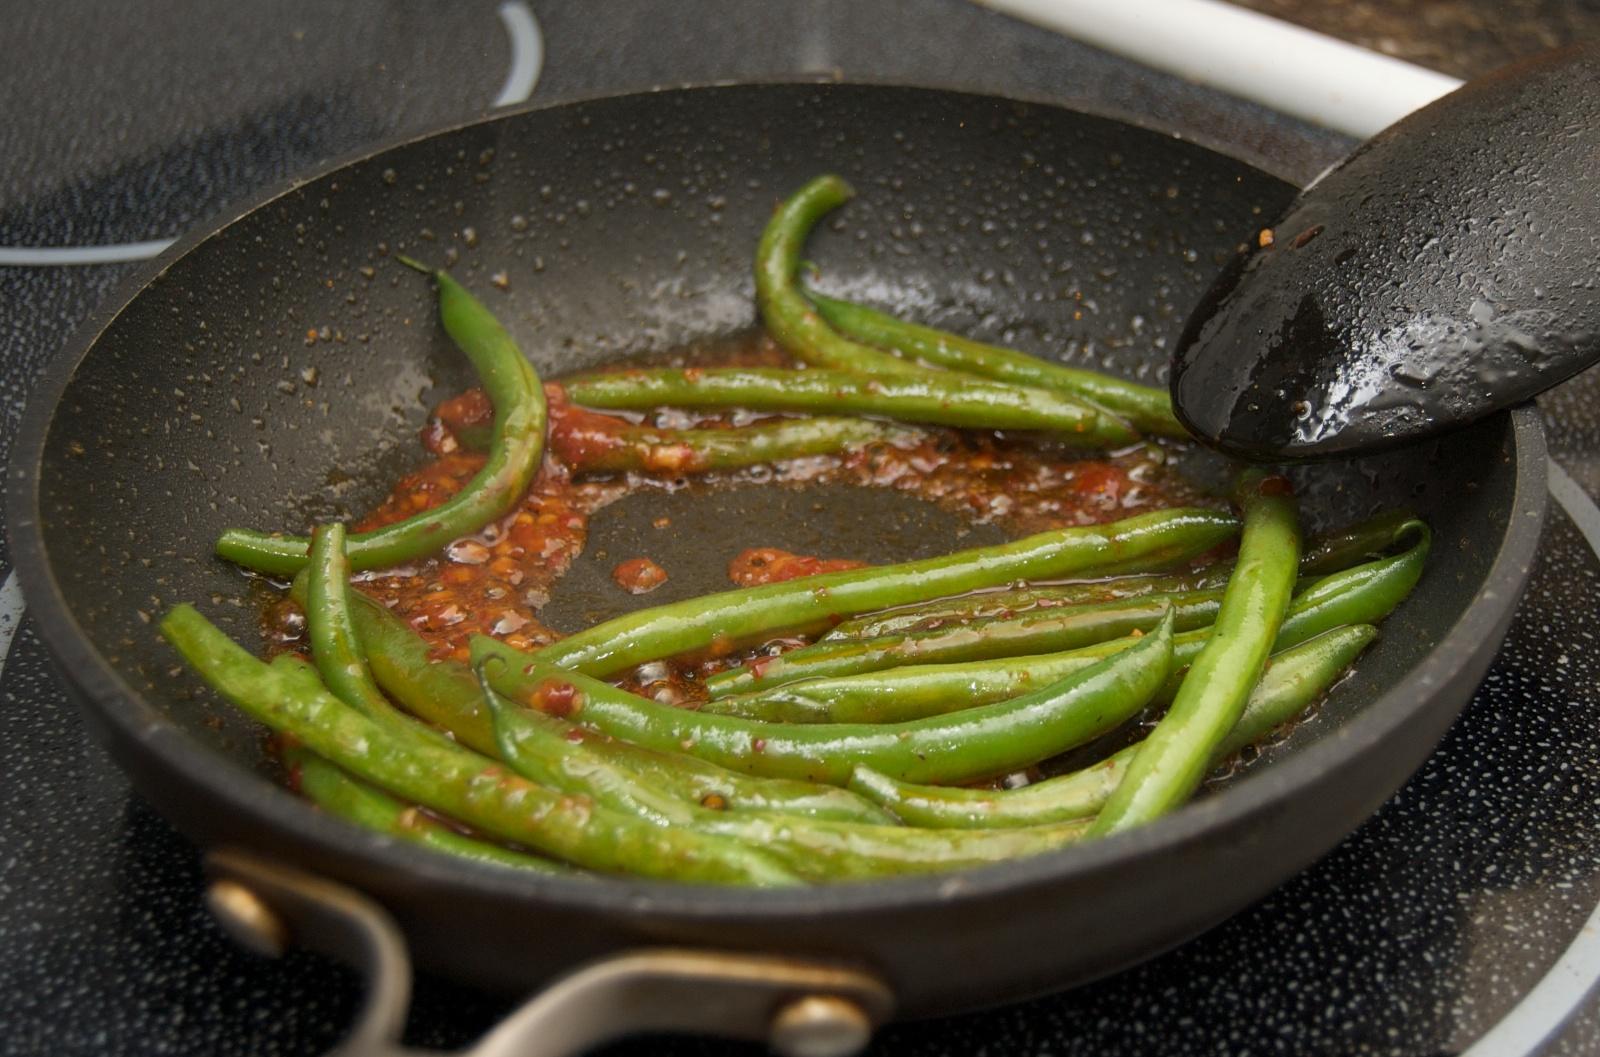 http://blog.rickk.com/food/2010/04/29/char4.jpg